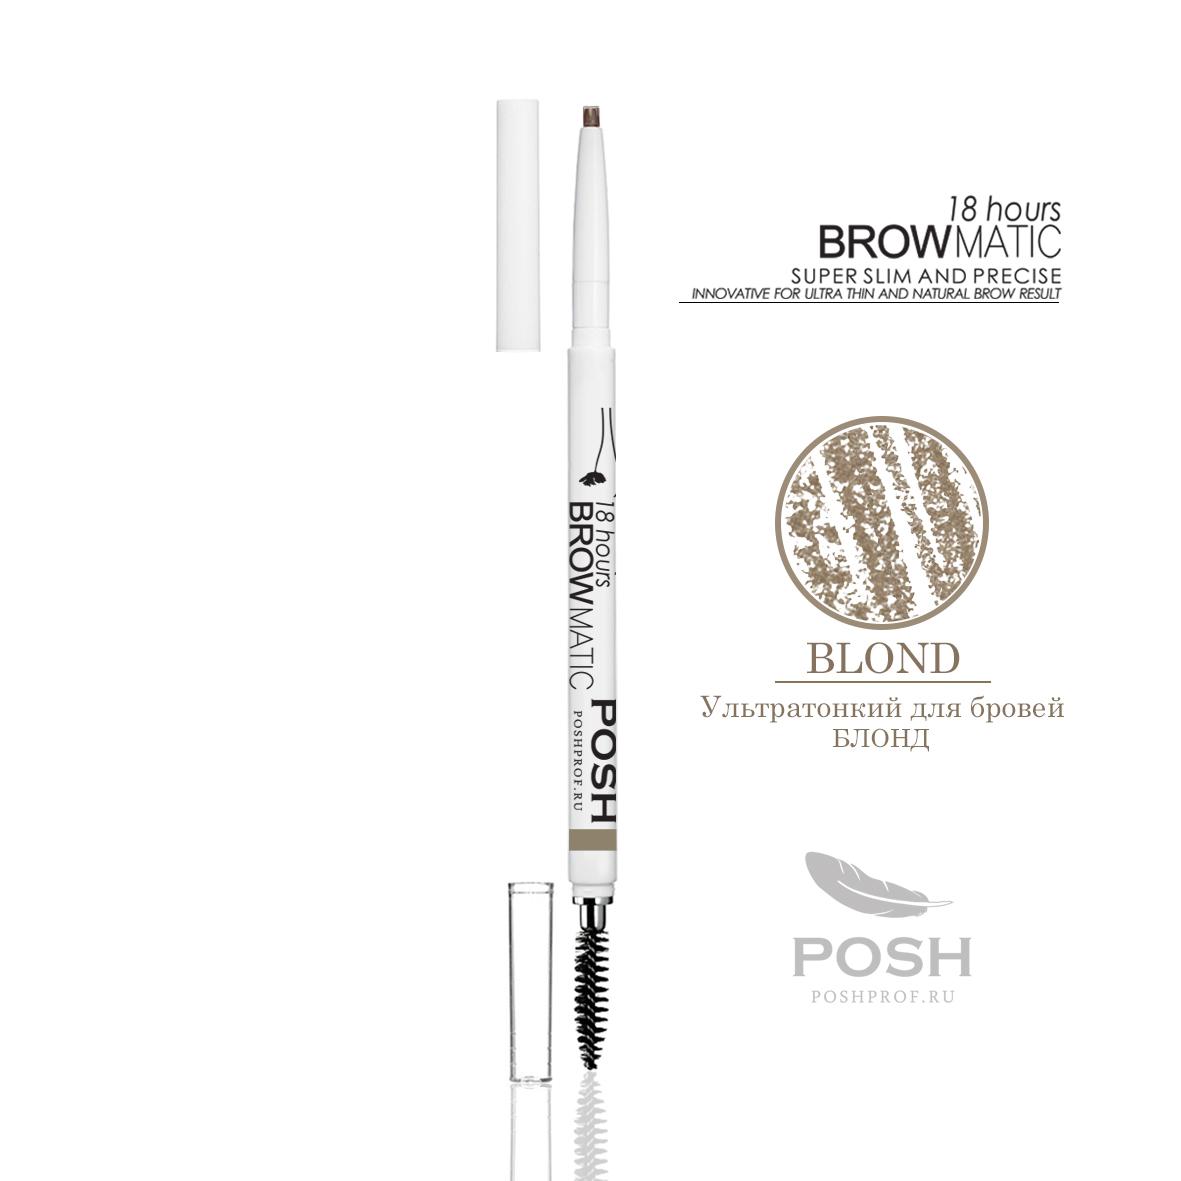 POSH Карандаш ультра-тонкий для бровей Блонд Универсальный Русый / POSH BROWMATIC BLOND